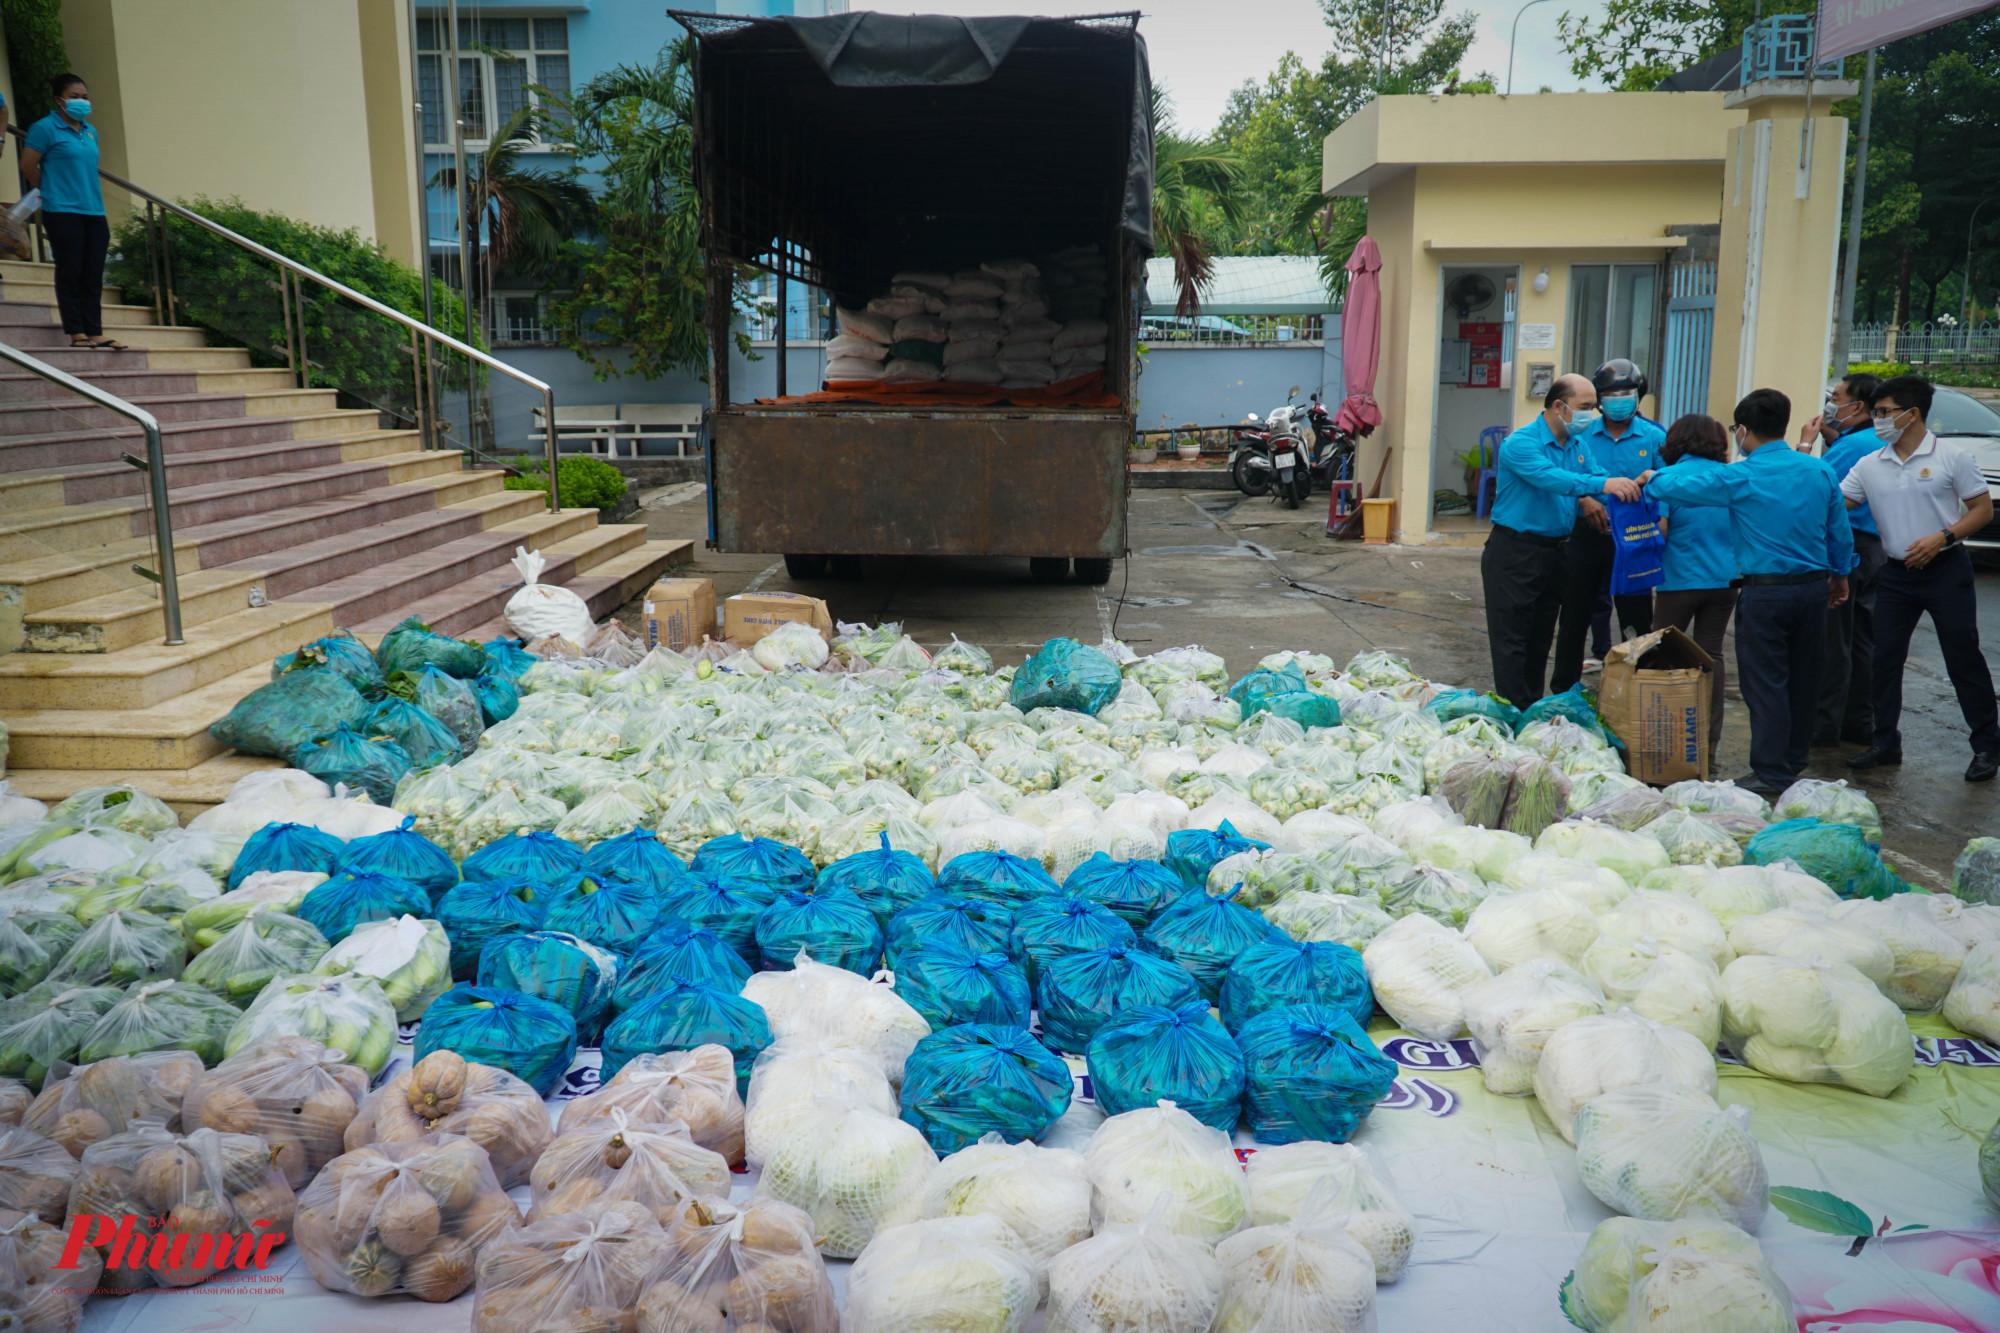 Tại Liên đoàn Lao động Quận 8, nông sản đã được phân loại thoe túi, để thuận tiện cho việc phân phát